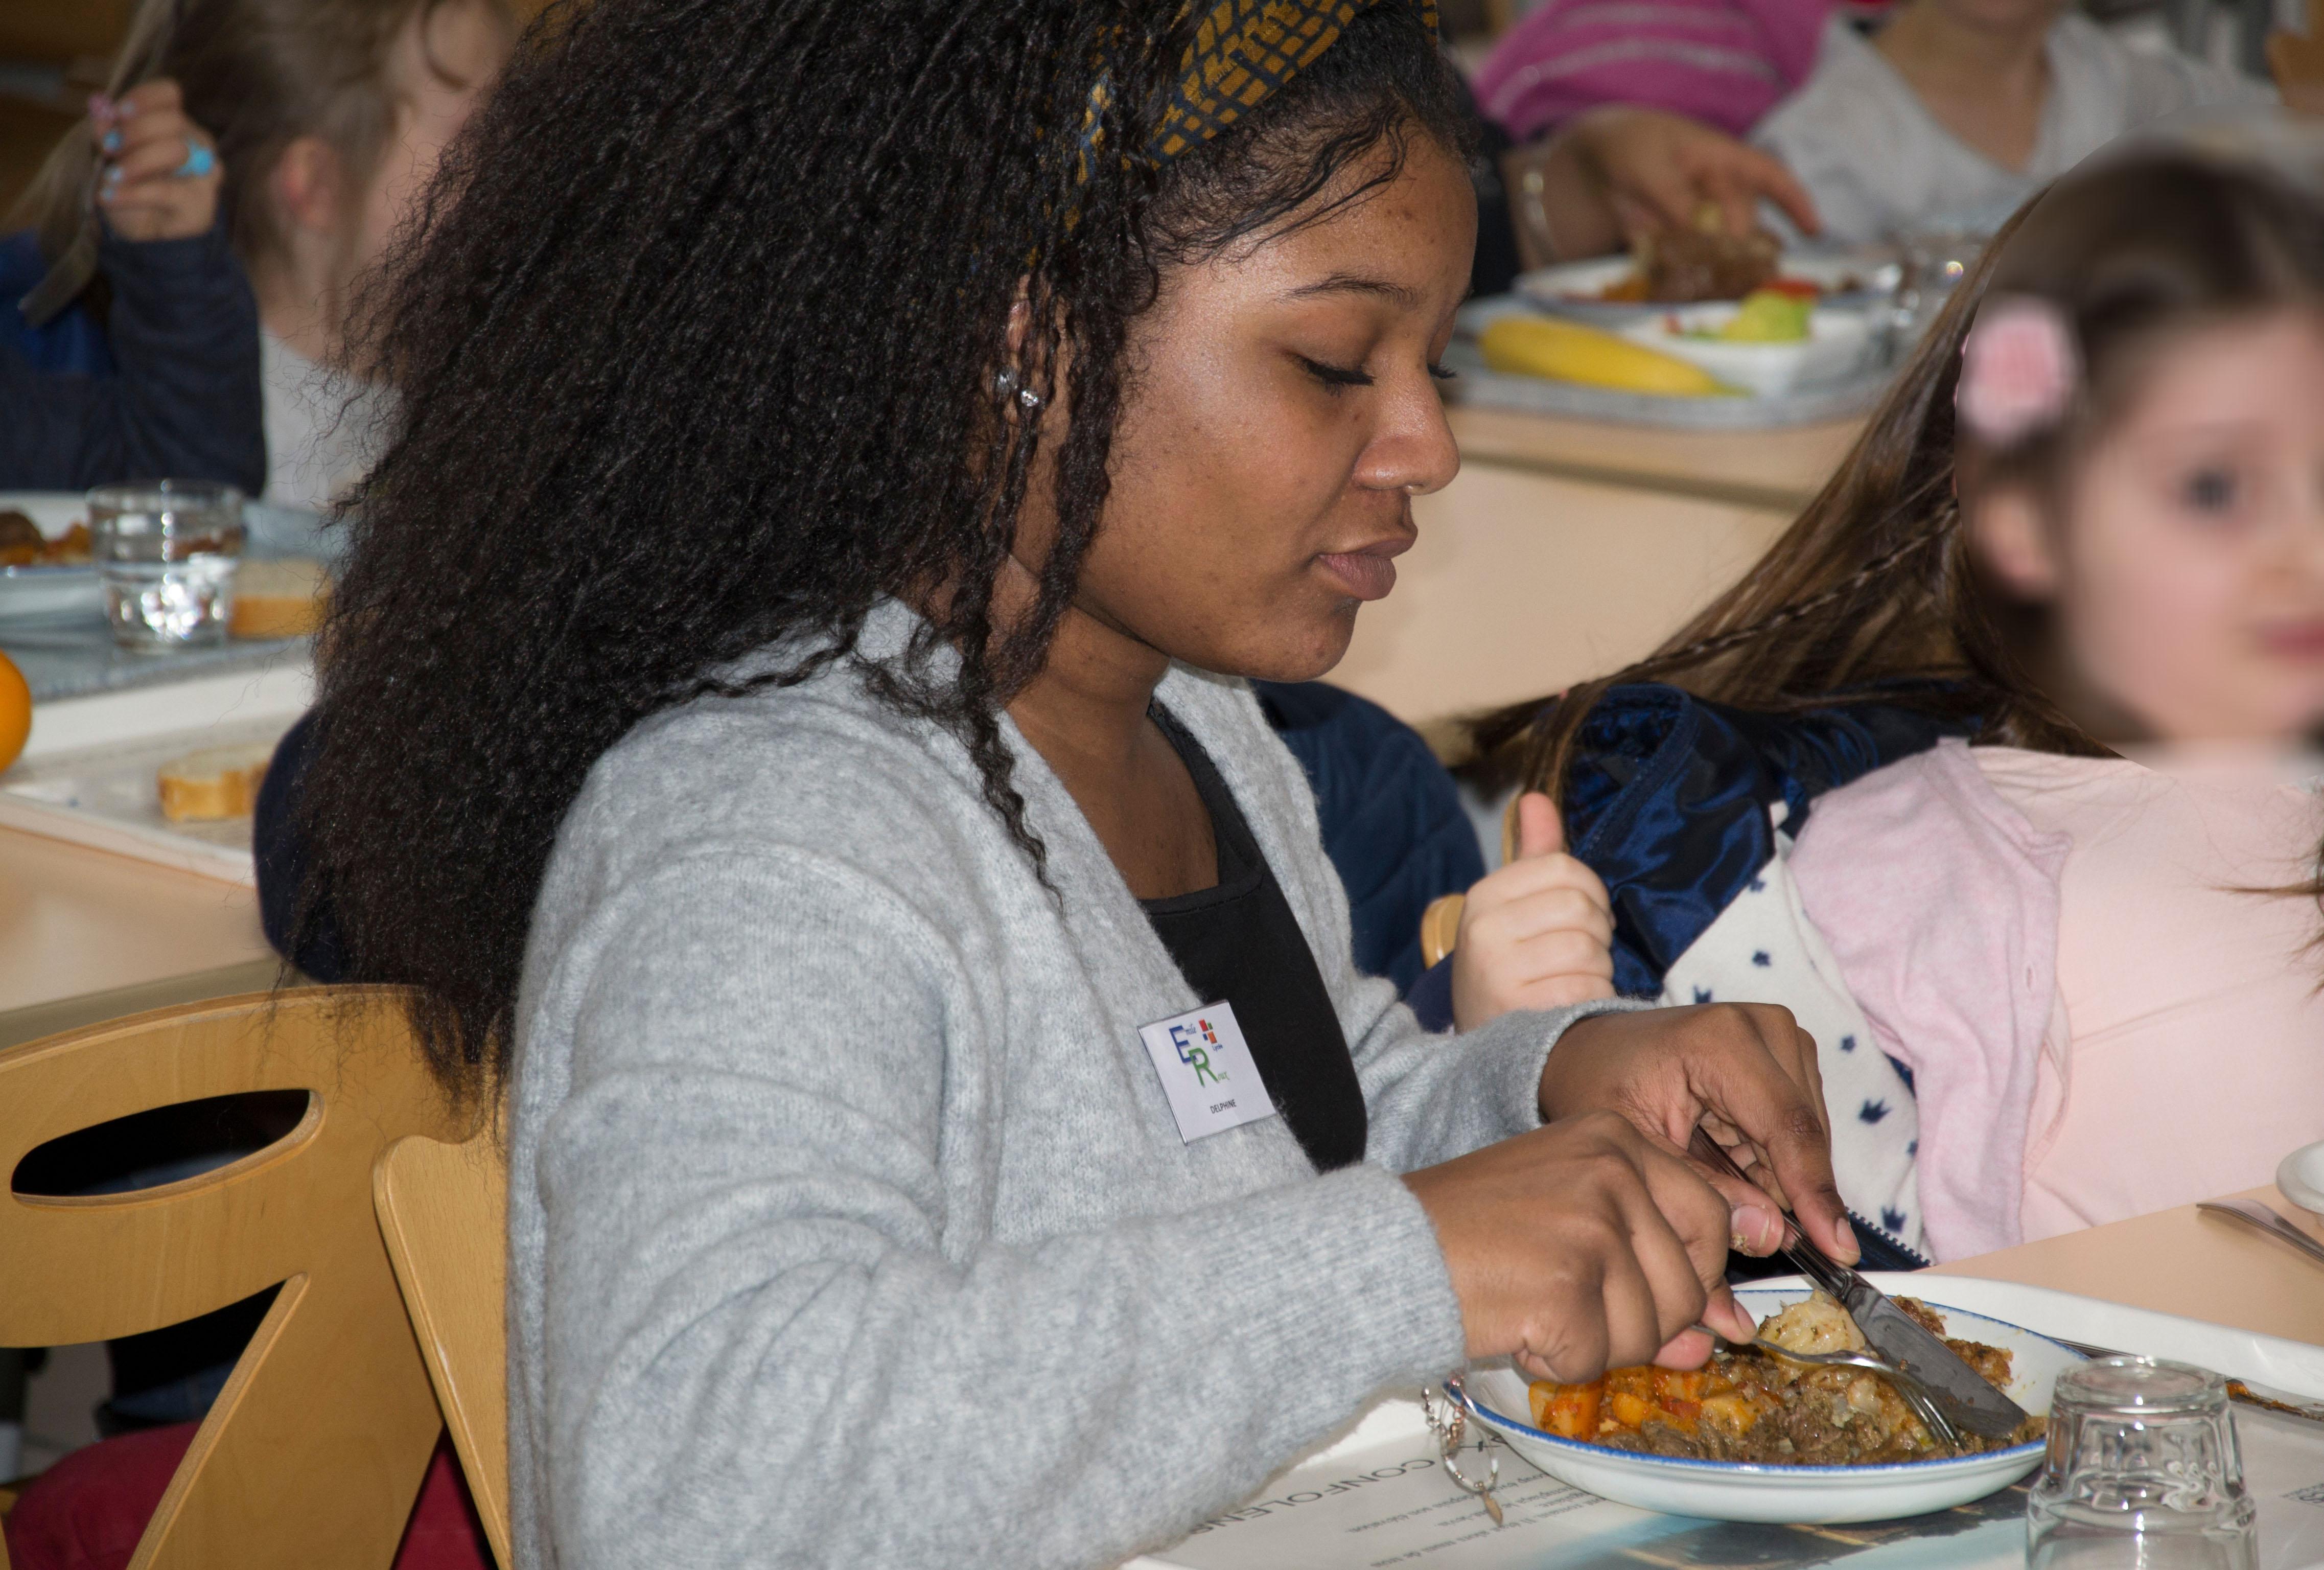 Une élève d'ASSP aidant une enfant à couper sa viande.